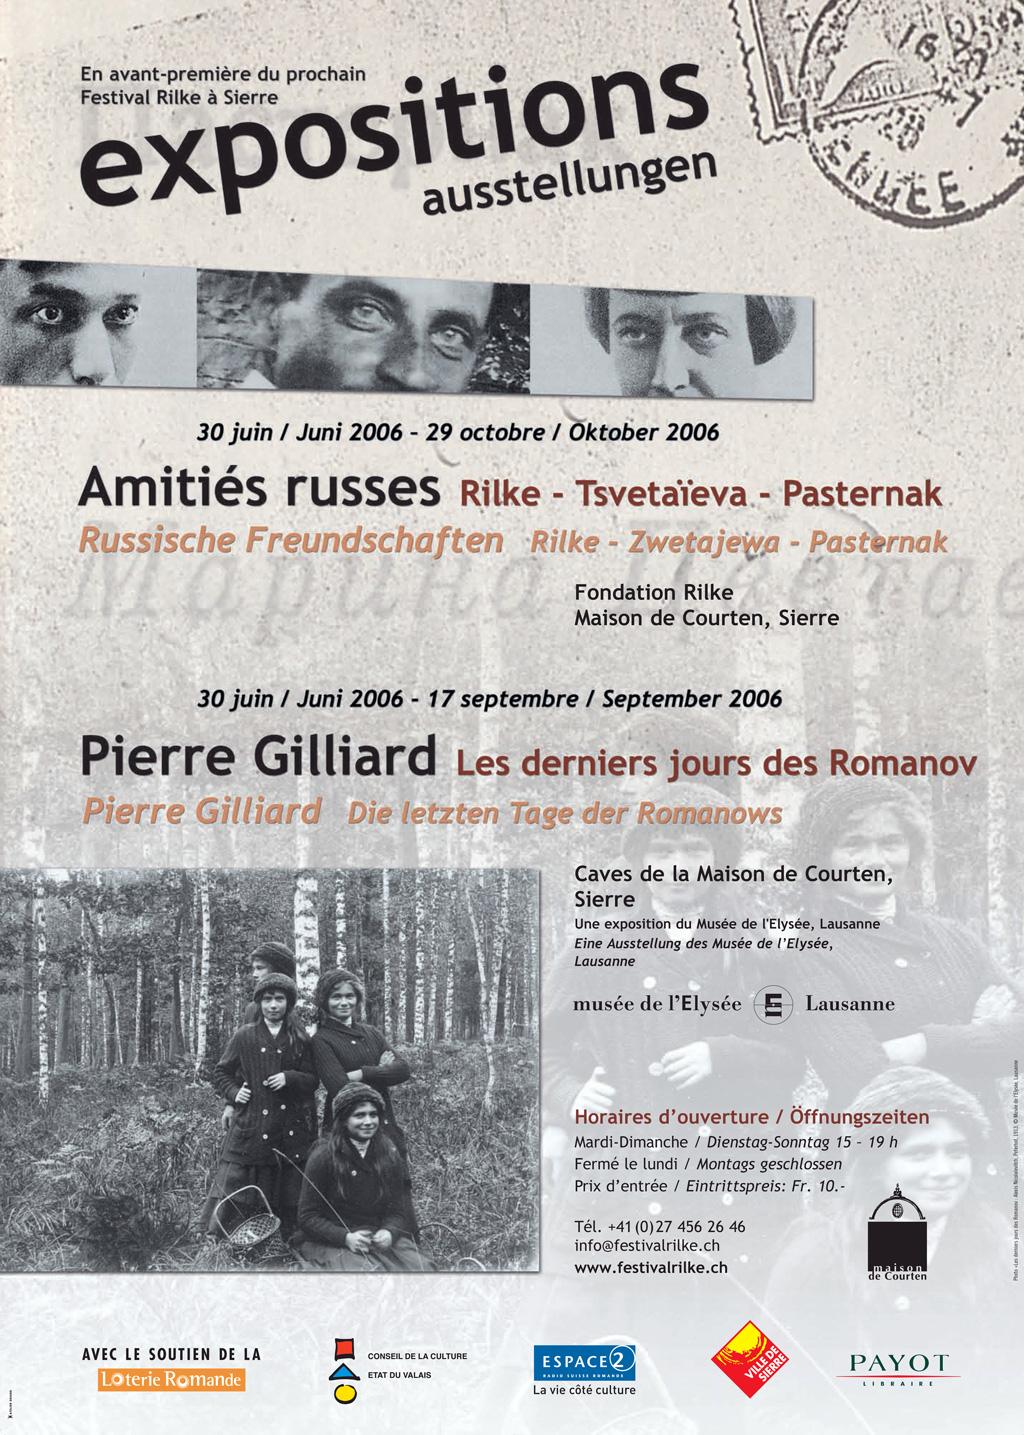 Affiche du festival Rilke, 2006